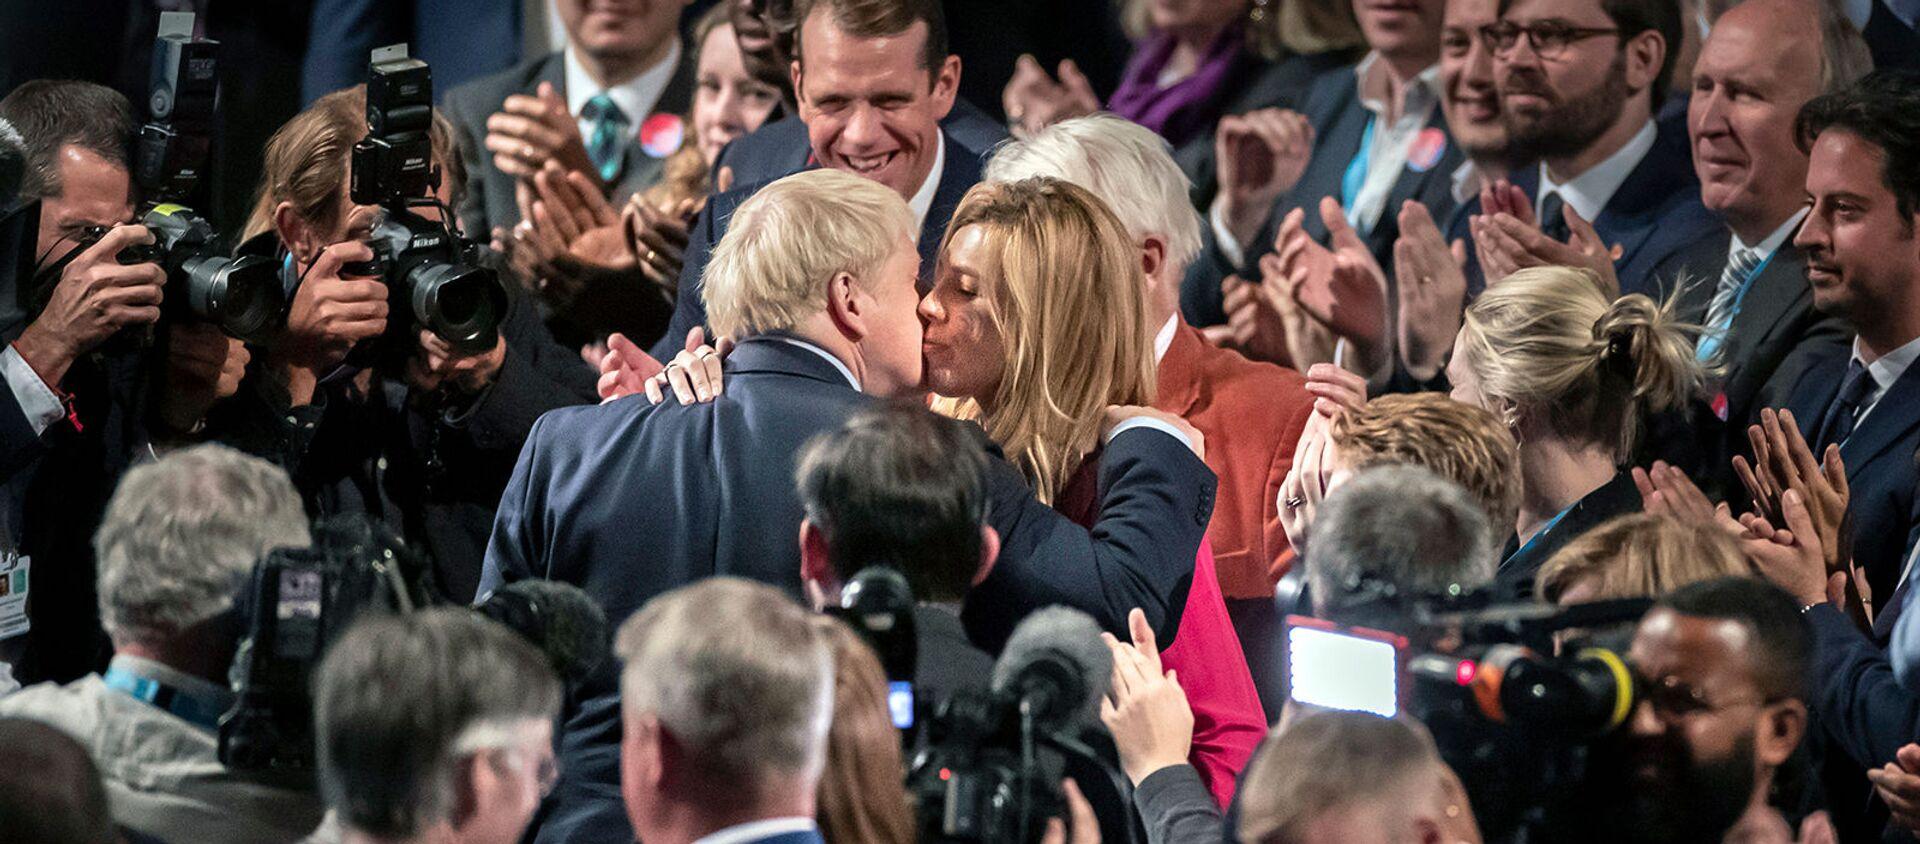 Премьер-министр Великобритании Борис Джонсон целует свою подругу Кэрри Саймондс на конференции Консервативной партии (2 октября 2019). Манчестер - Sputnik Армения, 1920, 27.08.2020